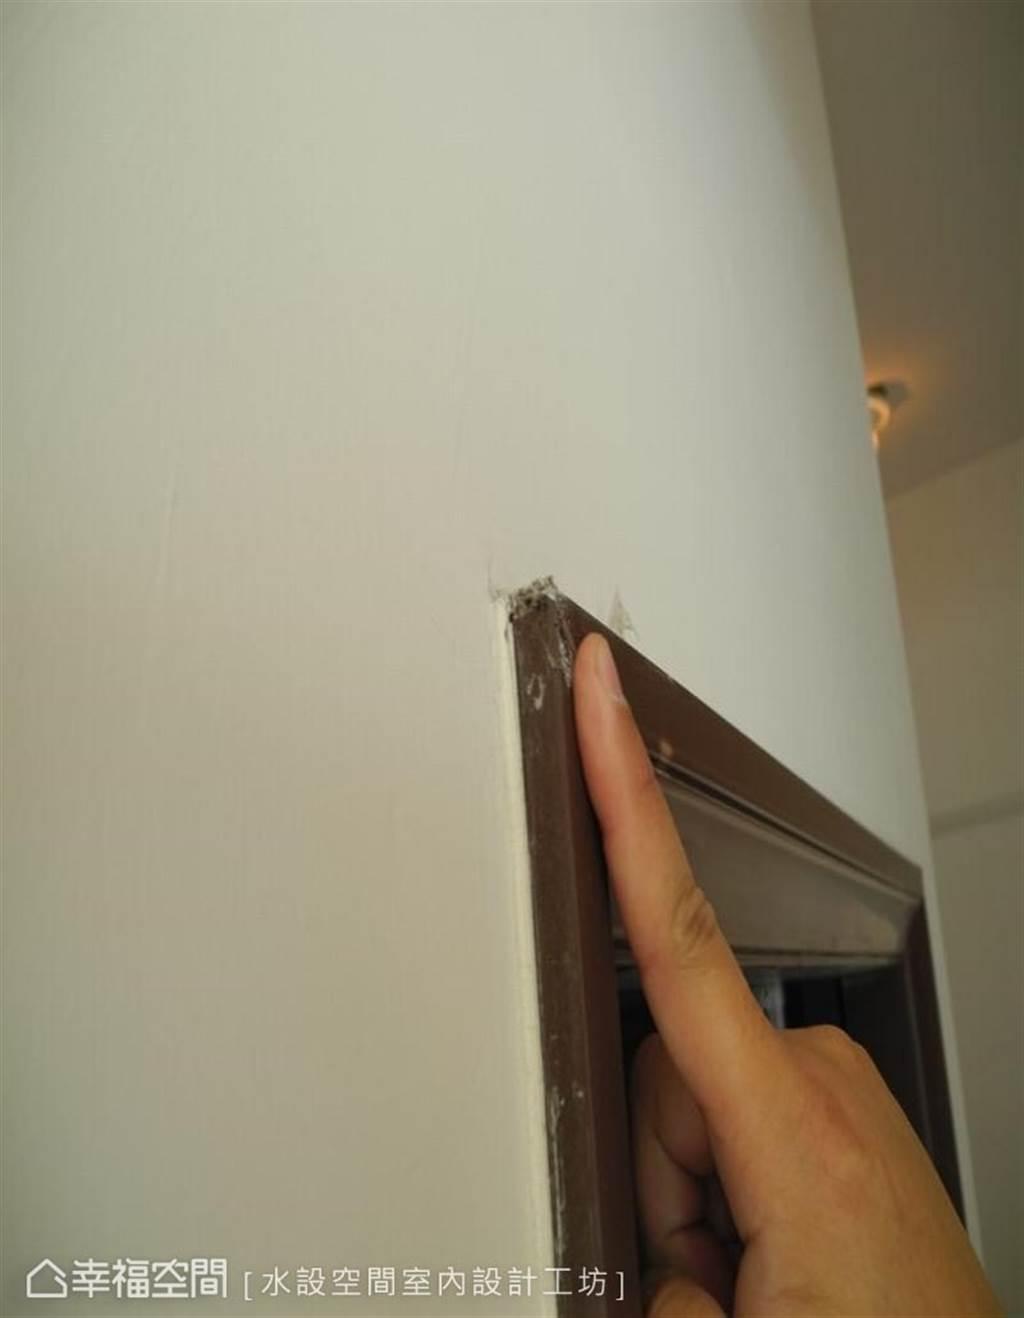 ▲以手指輕壓門片的四個角落,確認是否因水氣滲入而產生質材軟化,需要更換整體門片。(圖片來源/水設空間室內設計工坊)